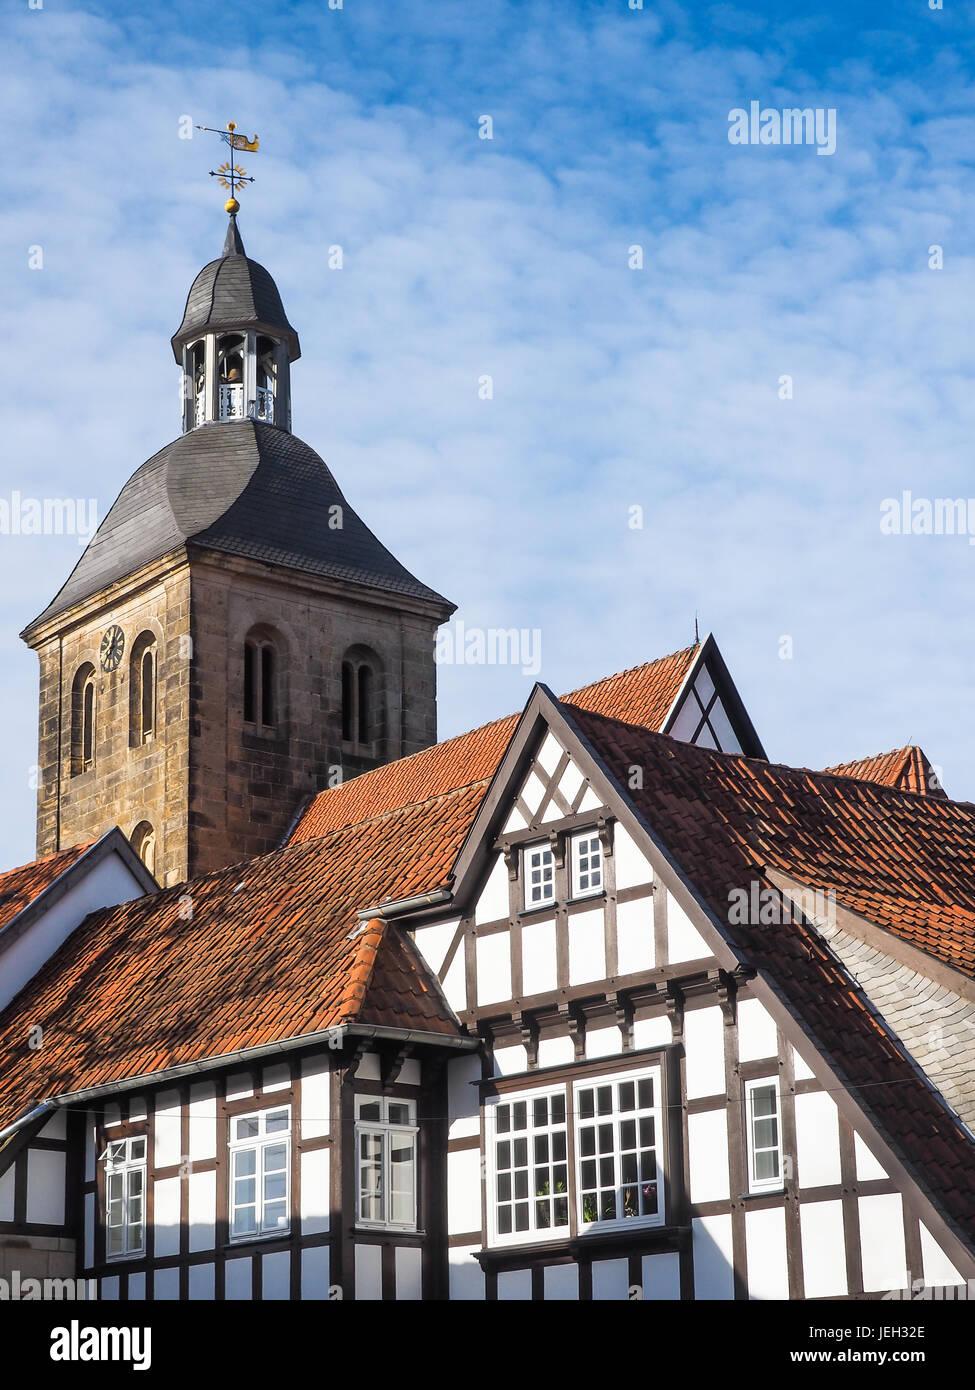 Stadt Tecklenburg mit Kirche und Fachwerkhäusern, Deutschland Stockbild